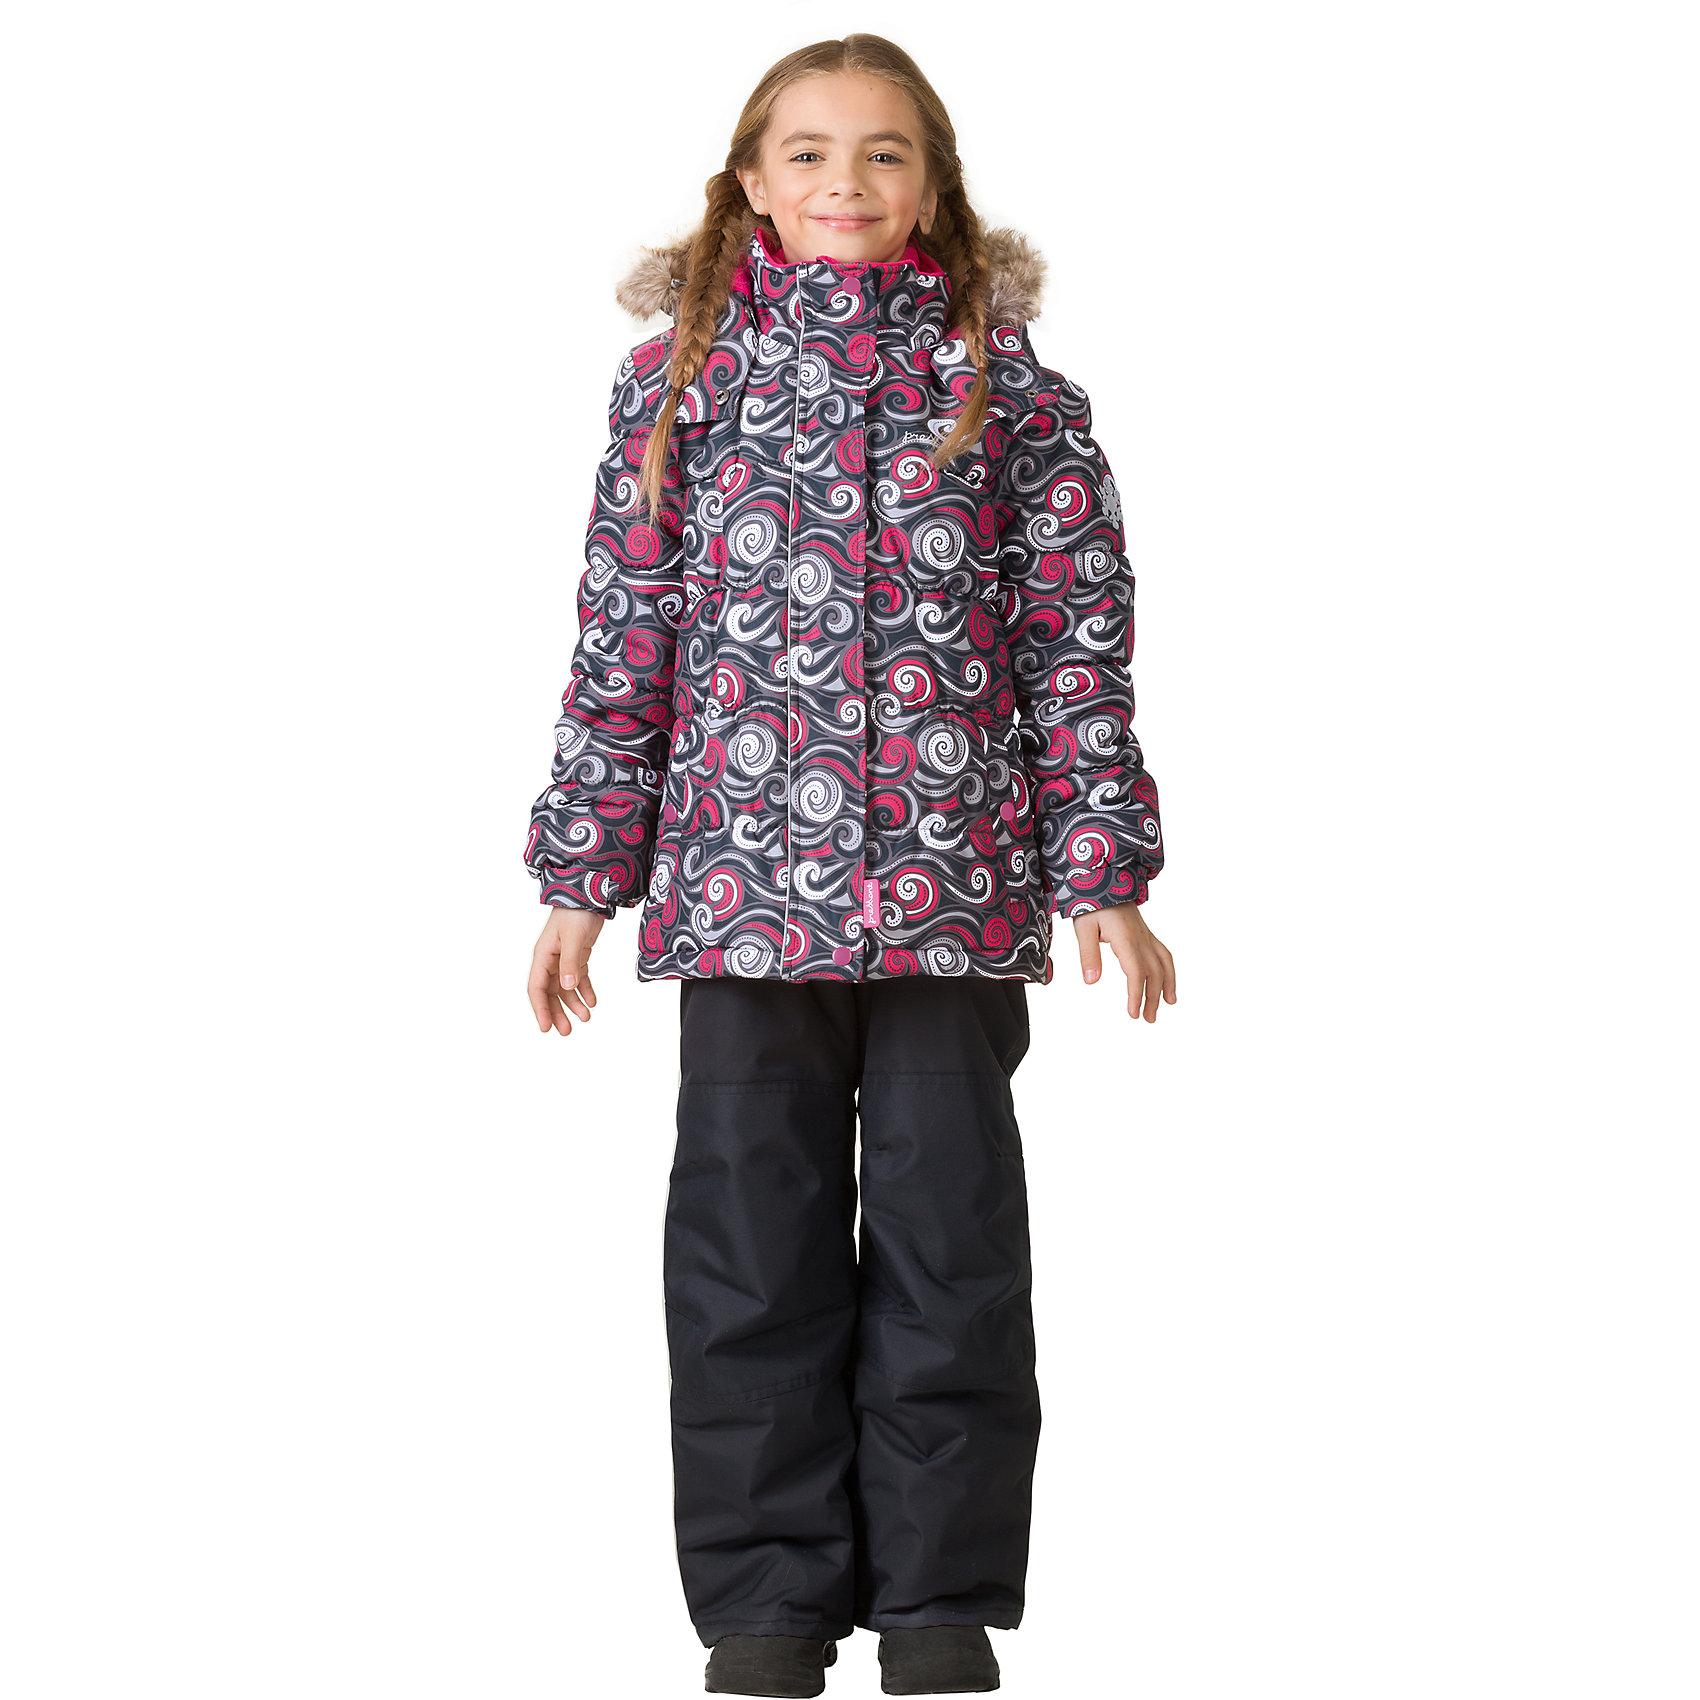 Комплект: куртка и брюки Premont для девочкиВерхняя одежда<br>Характеристики товара:<br><br>• цвет: серый<br>• комплектация: куртка и брюки<br>• состав ткани: Taslan<br>• подкладка: Polar fleece, Taffeta<br>• утеплитель: Tech-polyfill<br>• сезон: зима<br>• мембранное покрытие<br>• температурный режим: от -30 до +5<br>• водонепроницаемость: 5000 мм <br>• паропроницаемость: 5000 г/м2<br>• плотность утеплителя: куртка - 280 г/м2, брюки - 180 г/м2<br>• капюшон: съемный<br>• искусственный мех на капюшоне отстегивается<br>• застежка: молния<br>• страна бренда: Канада<br>• страна изготовитель: Китай<br><br>Практичный и модный комплект для ребенка состоит из куртки и брюк. Детский теплый комплект дополнен эластичными манжетами, светоотражающими элементами, лямками, планкой от ветра и карманами на липучках. Теплый зимний детский комплект имеет мембранное покрытие.<br><br>Комплект: куртка и брюки для девочки Premont (Премонт) можно купить в нашем интернет-магазине.<br><br>Ширина мм: 356<br>Глубина мм: 10<br>Высота мм: 245<br>Вес г: 519<br>Цвет: серый<br>Возраст от месяцев: 18<br>Возраст до месяцев: 24<br>Пол: Женский<br>Возраст: Детский<br>Размер: 92,164,152,140,128,122,120,116,110,104,100,98<br>SKU: 7088203